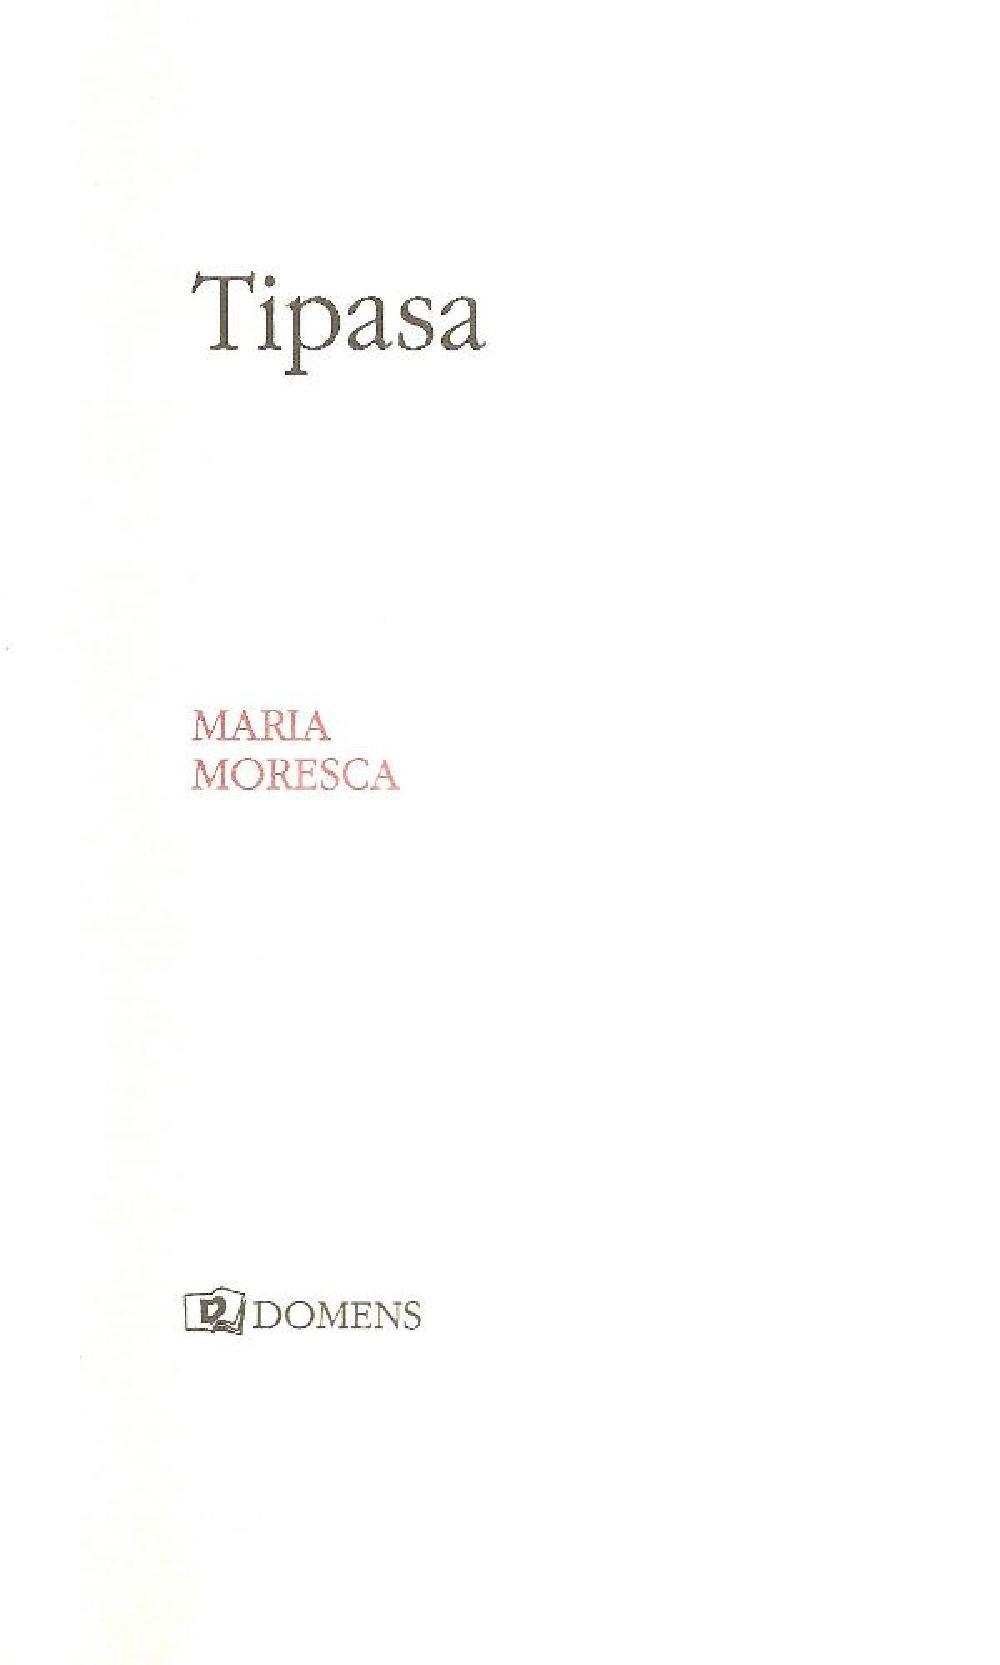 Tipasa Maria Moresca